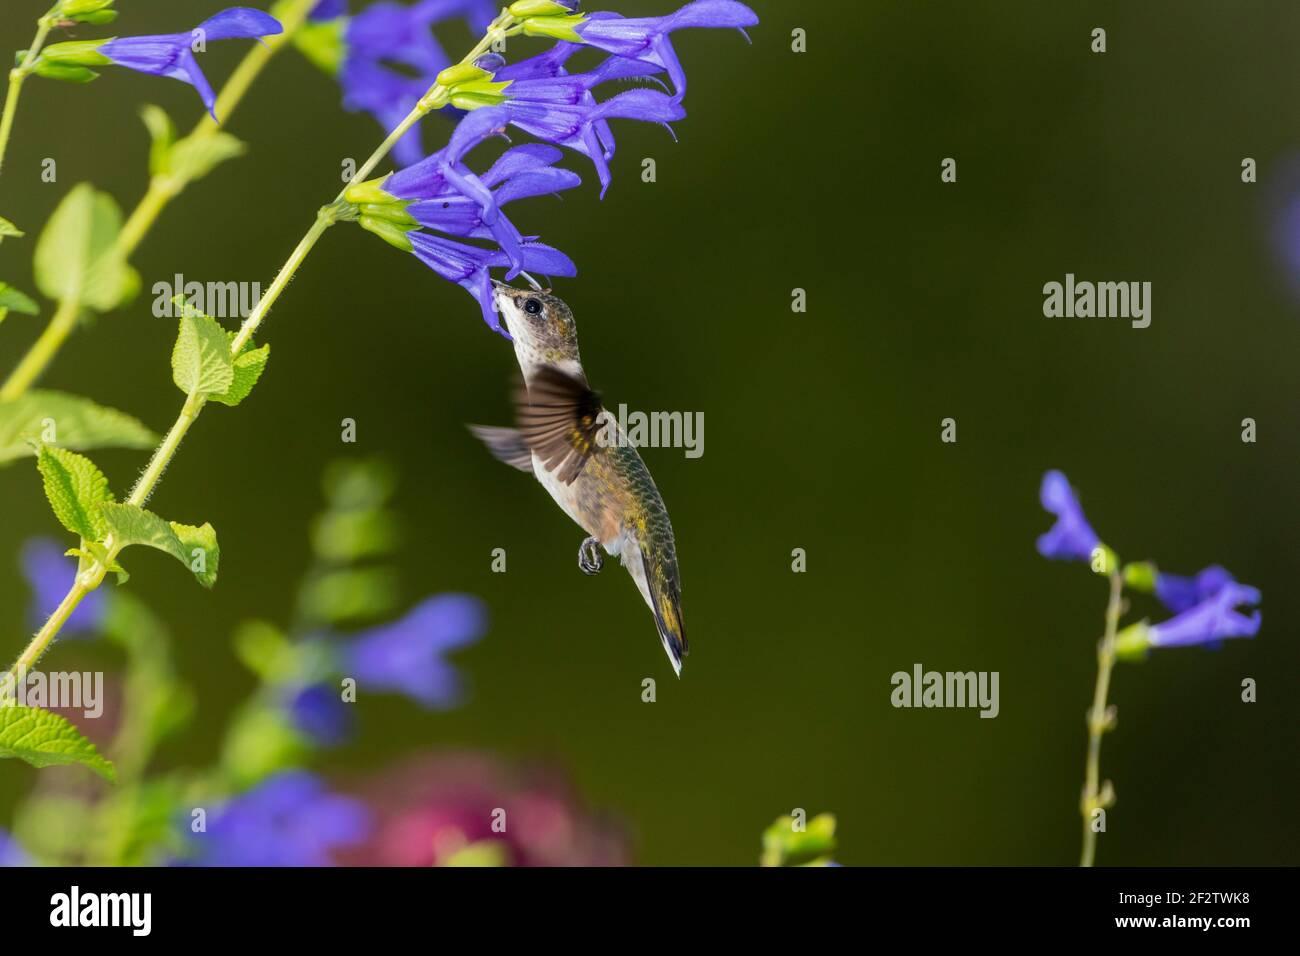 01162-16012 Hummingbird de garganta rubí (Archilochus colubris) en el Blue Ensign Salvia (Salvia guaranitica ' Blue Ensign') Marion Co. IL Foto de stock